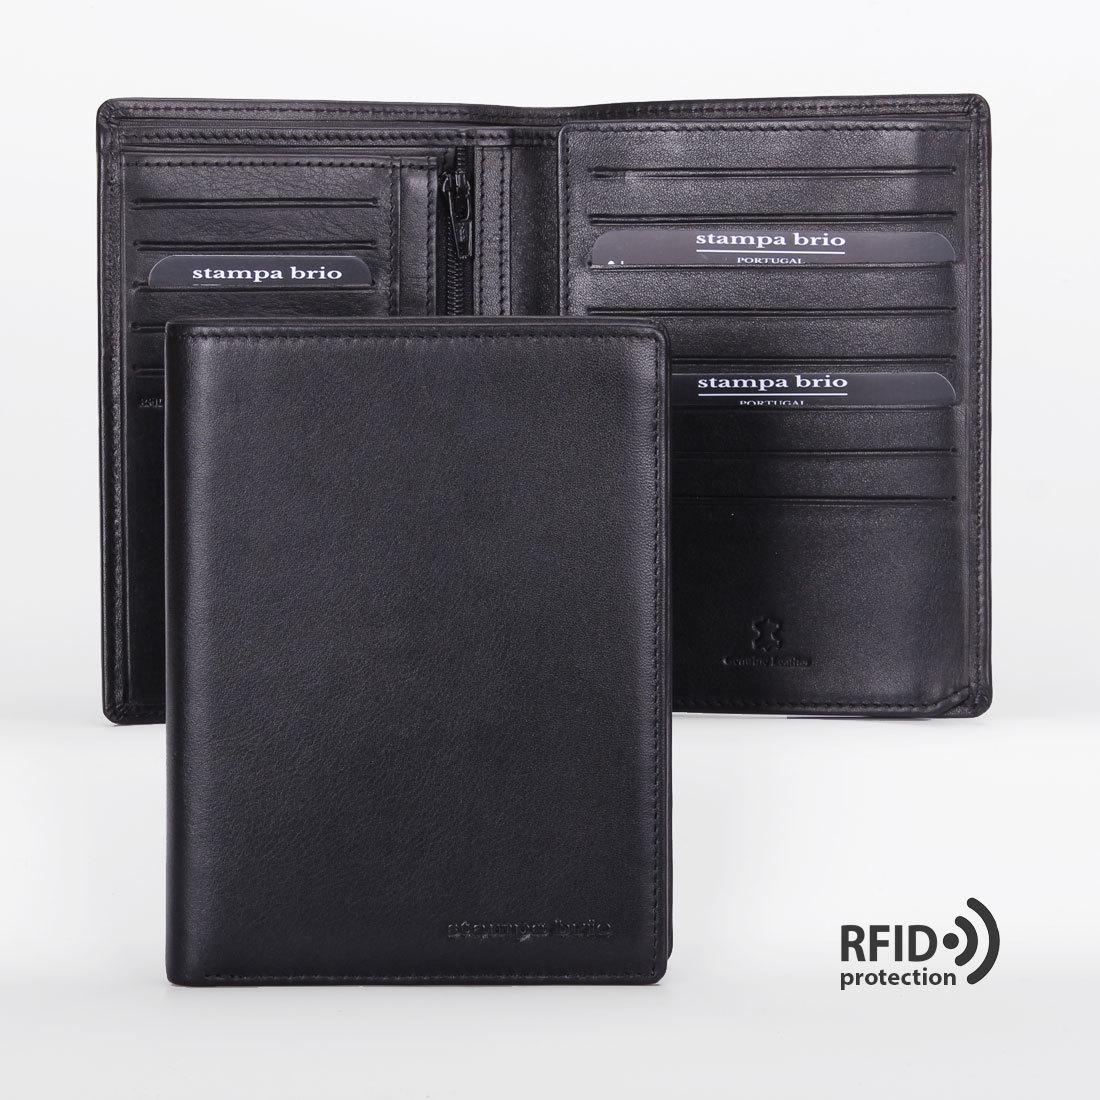 606 R - Портмоне вертикальное 5в1 с RFID защитой